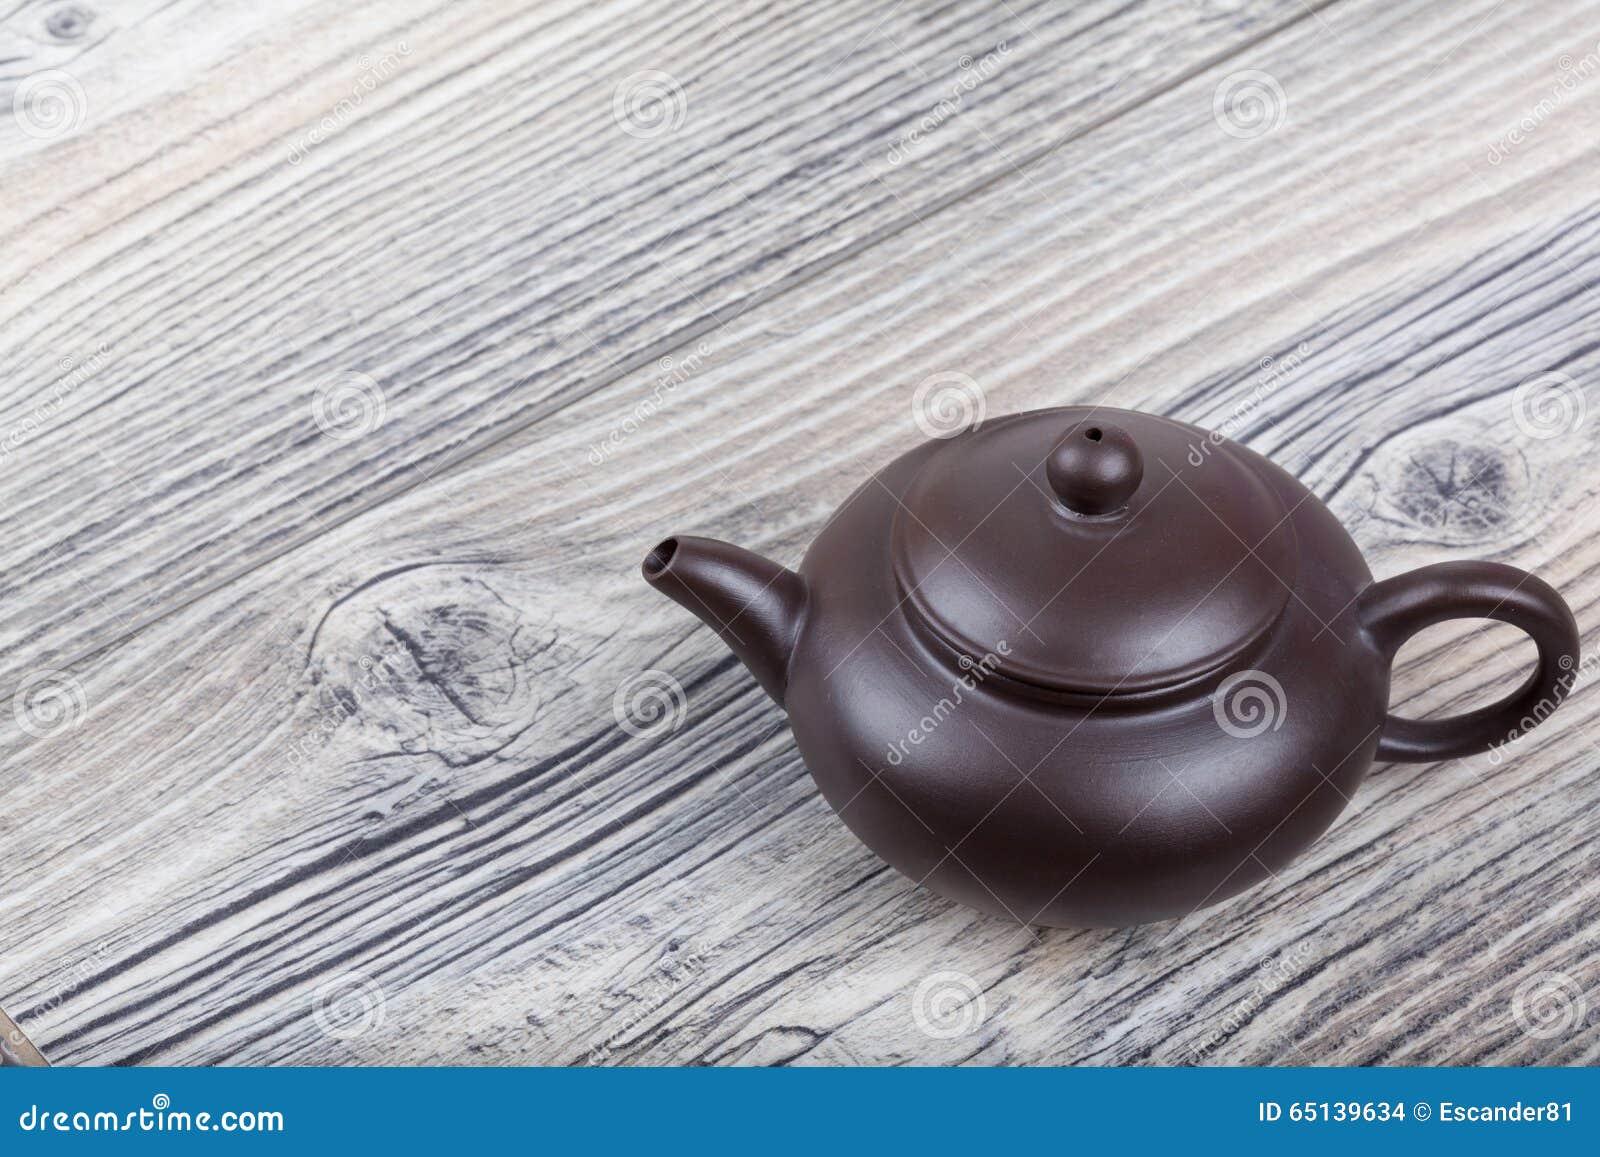 Chinese ceramic tea set on table